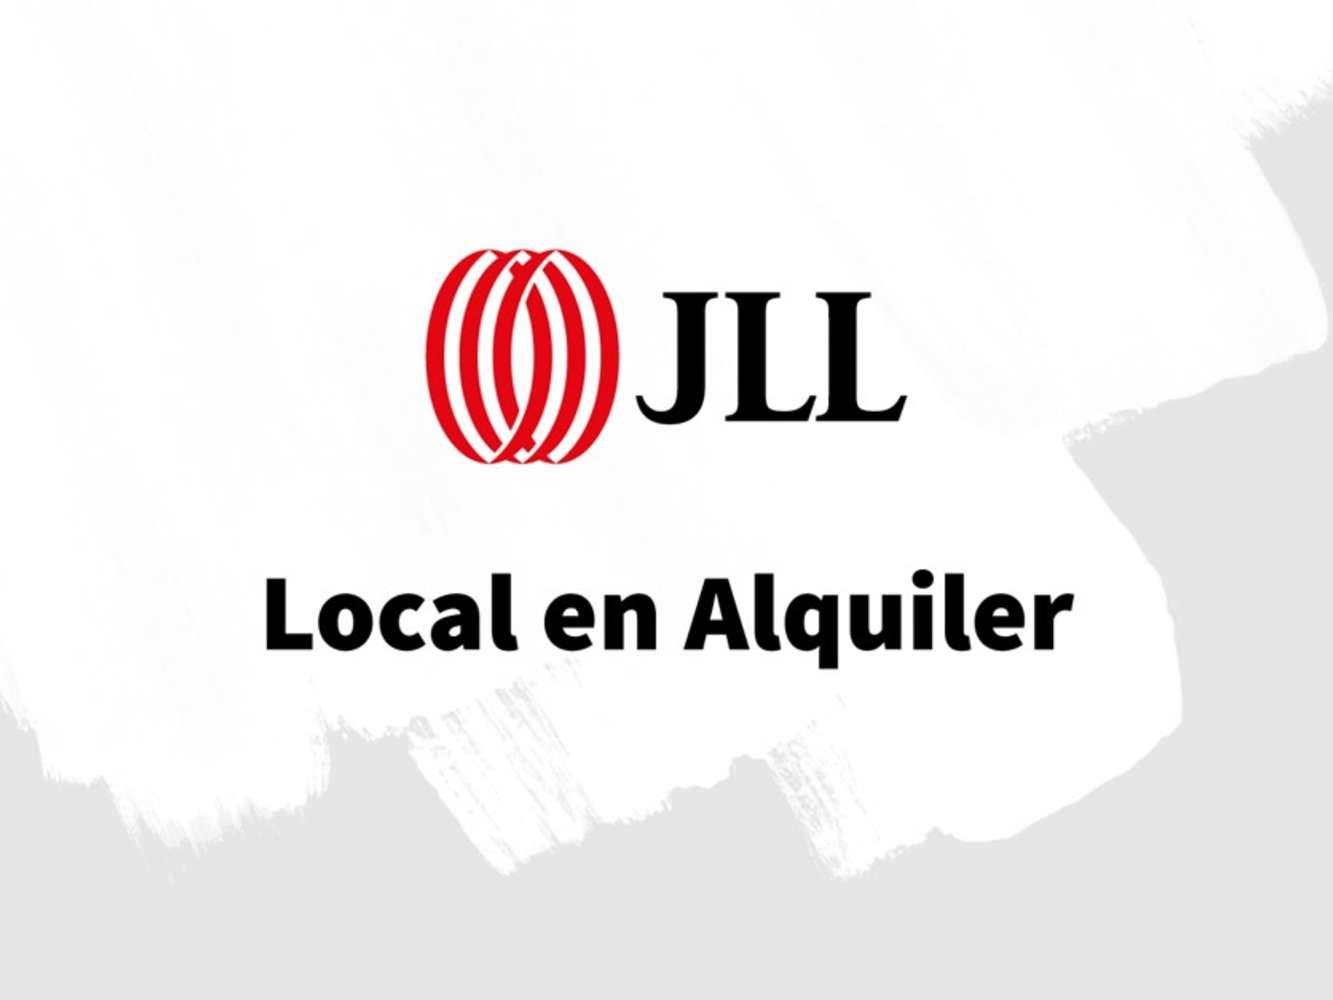 Local comercial Zamora, 49024 - Local en Galicia